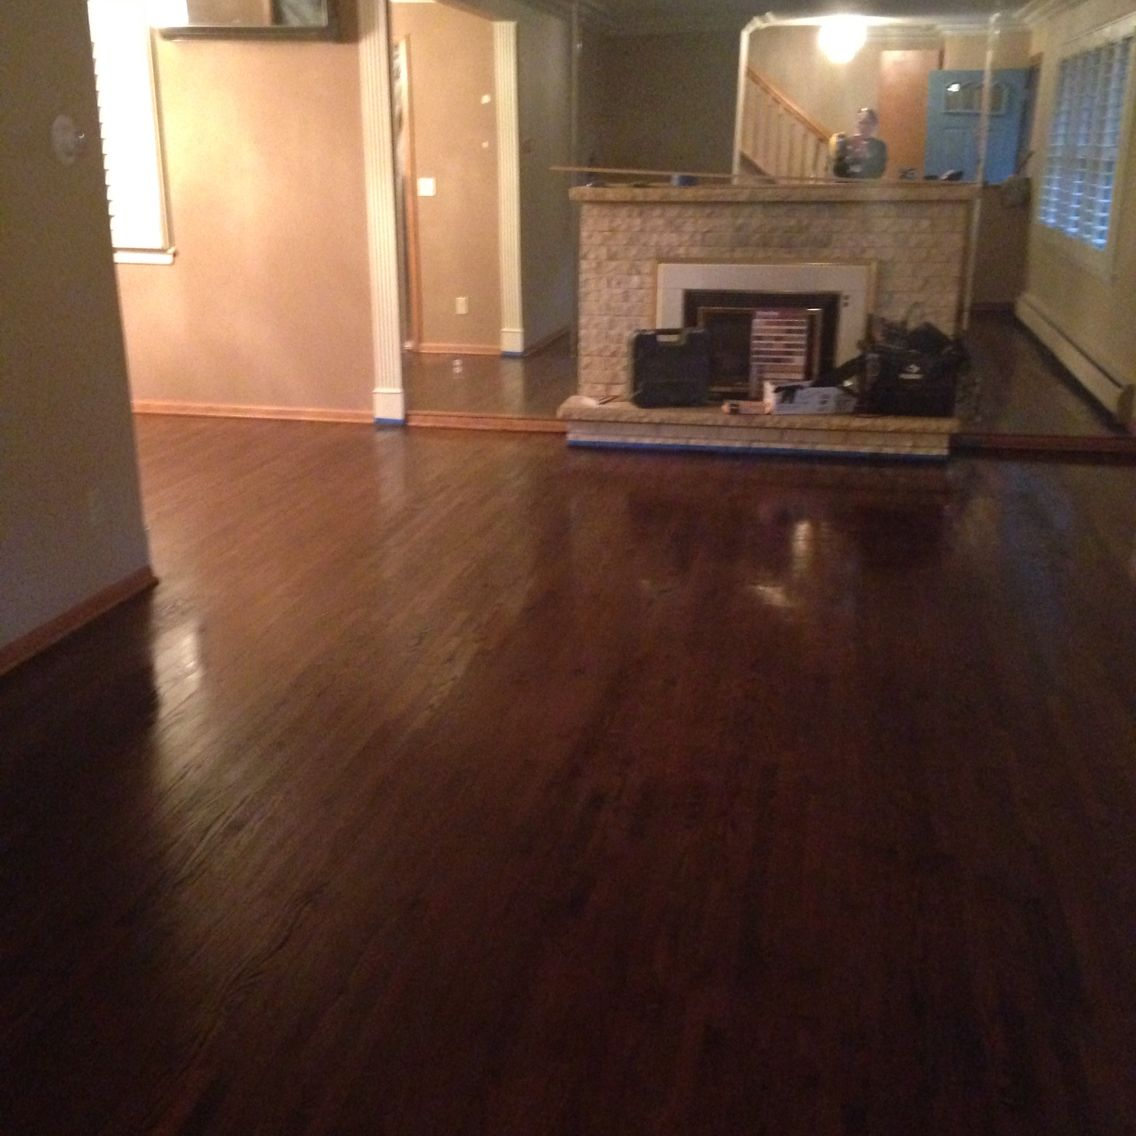 Minwax Dark Walnut on Red Oak Hardwood floor stain